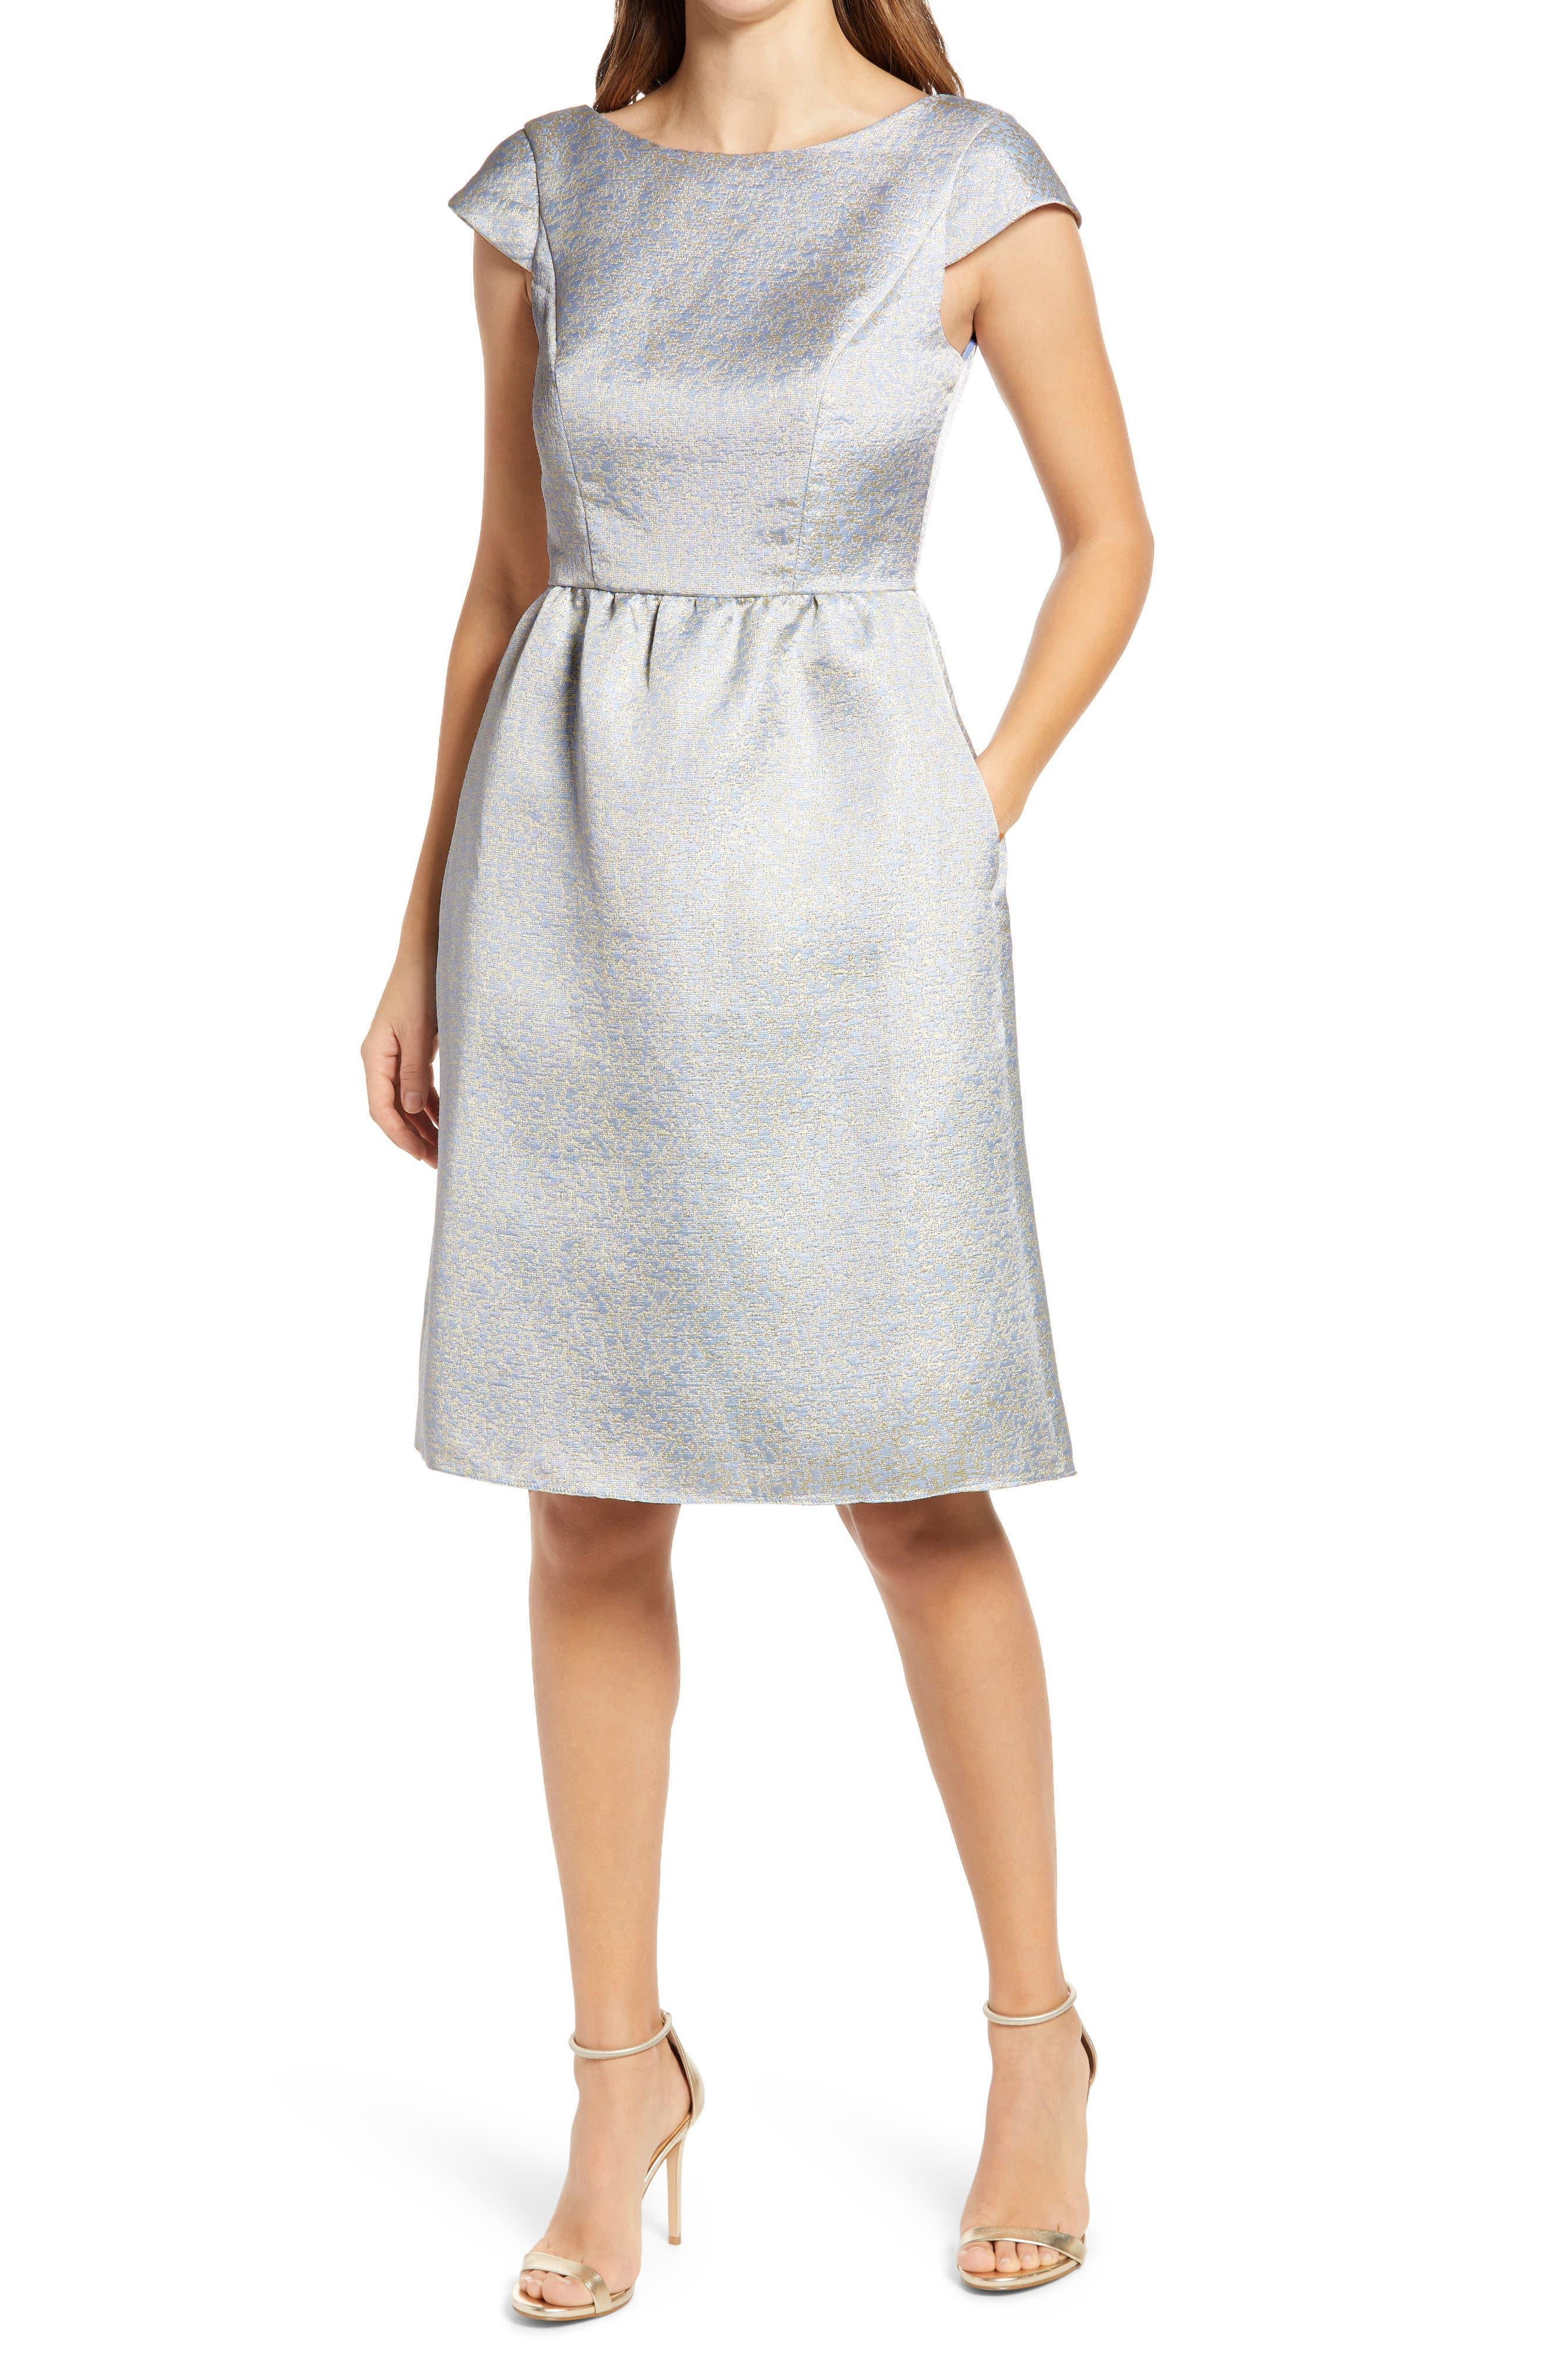 Bateau Neck Cocktail Dress